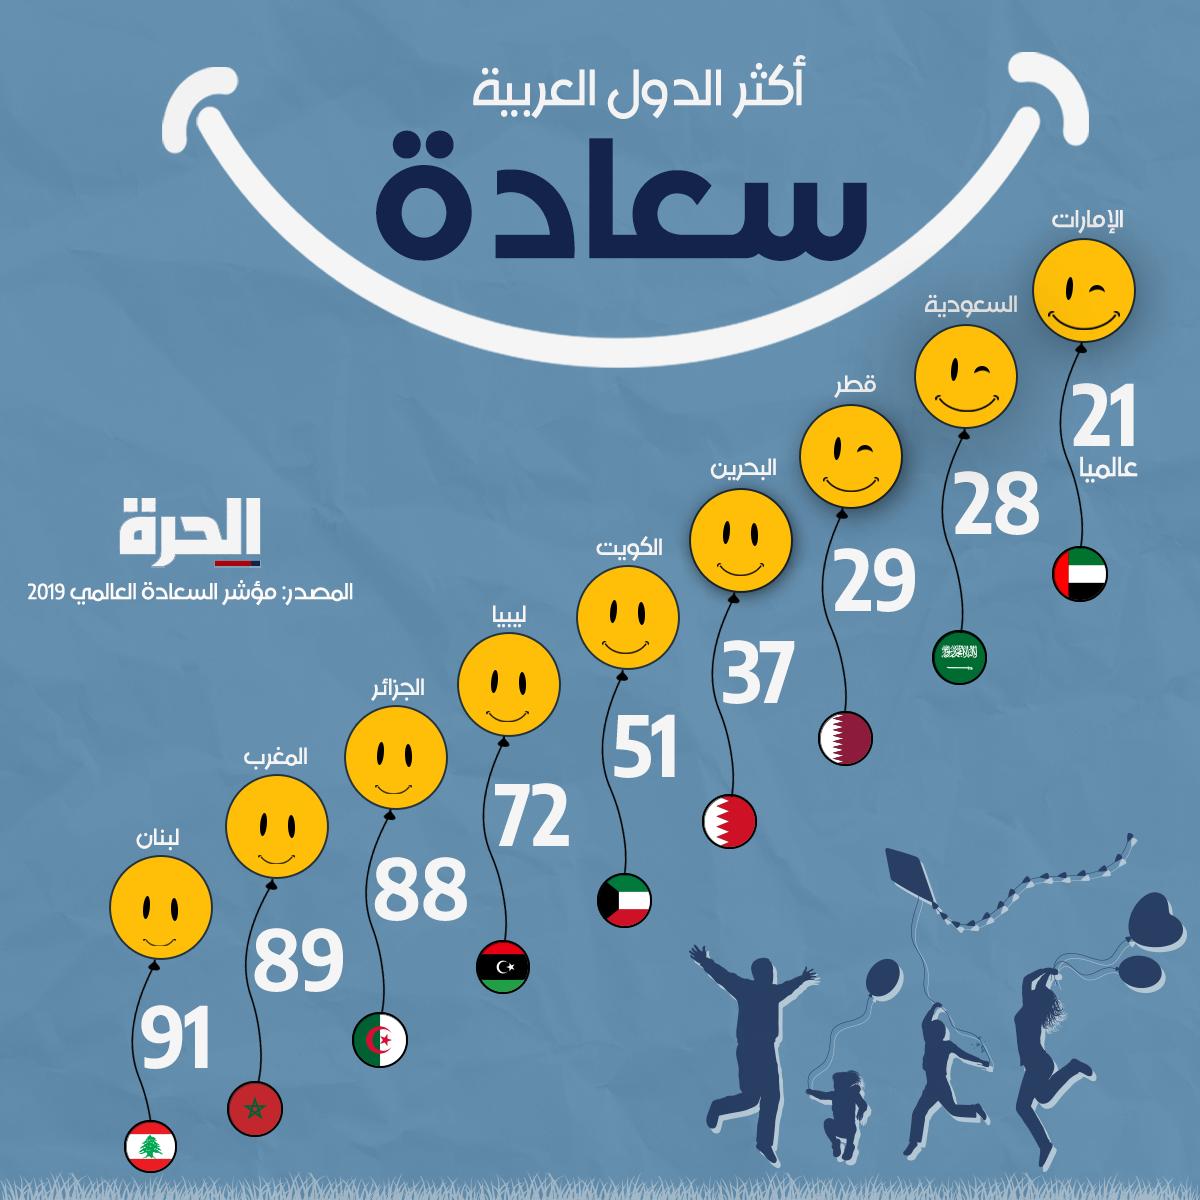 الدول العربية الأكثر سعادة لعام 2019